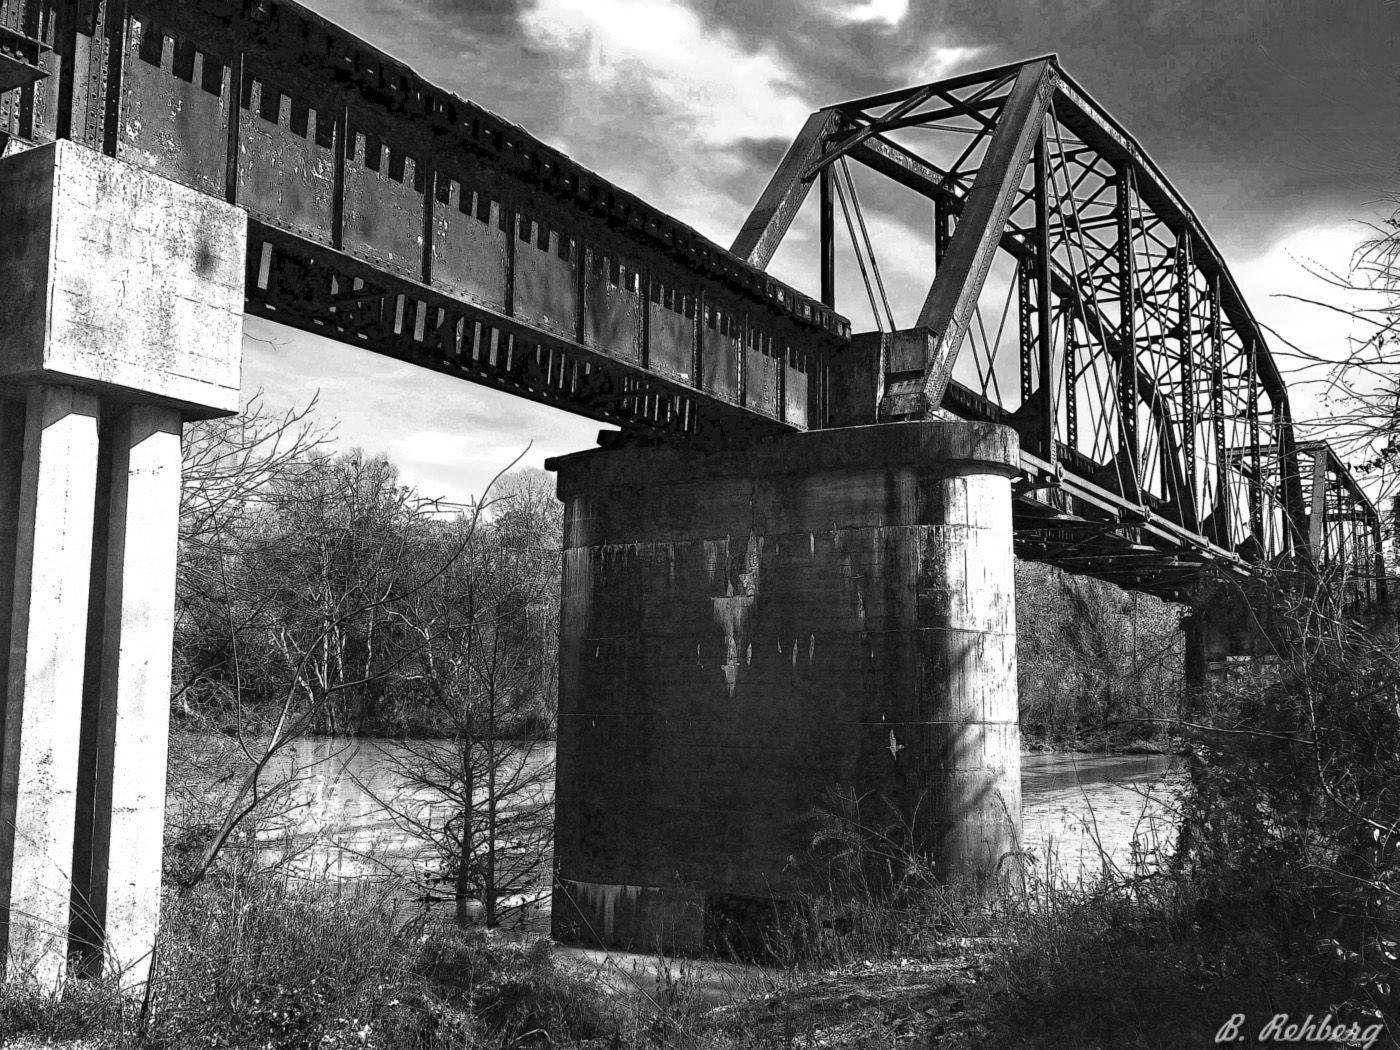 train bridge over the flint river in albany ga betty rehberg s train bridge over the flint river in albany ga